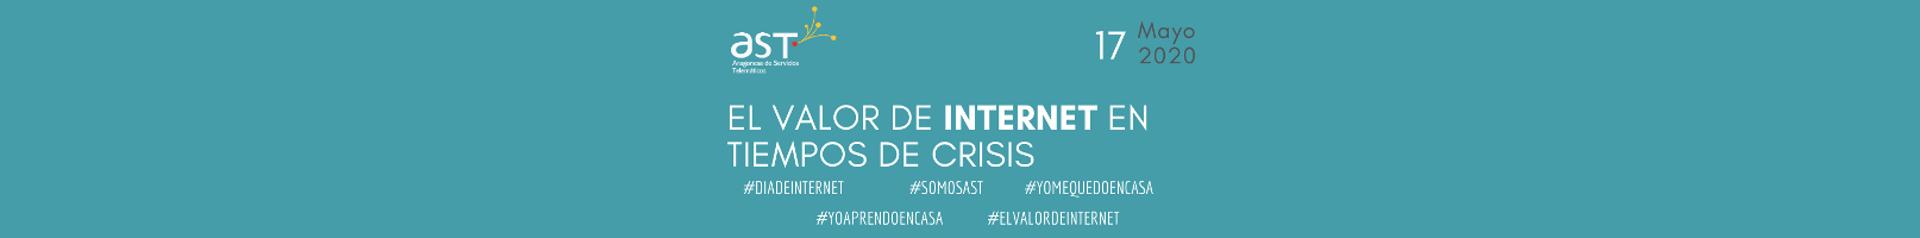 Imagen de El valor de Internet en tiempos de crisis